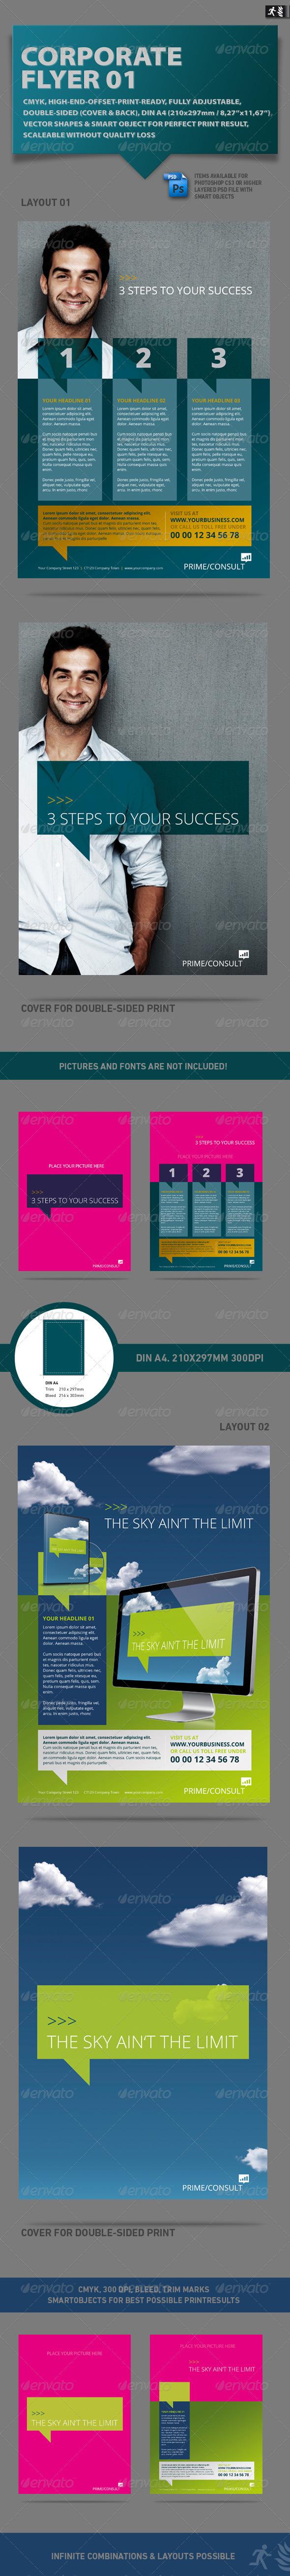 GraphicRiver DOA Corporate Flyer 01 1694468